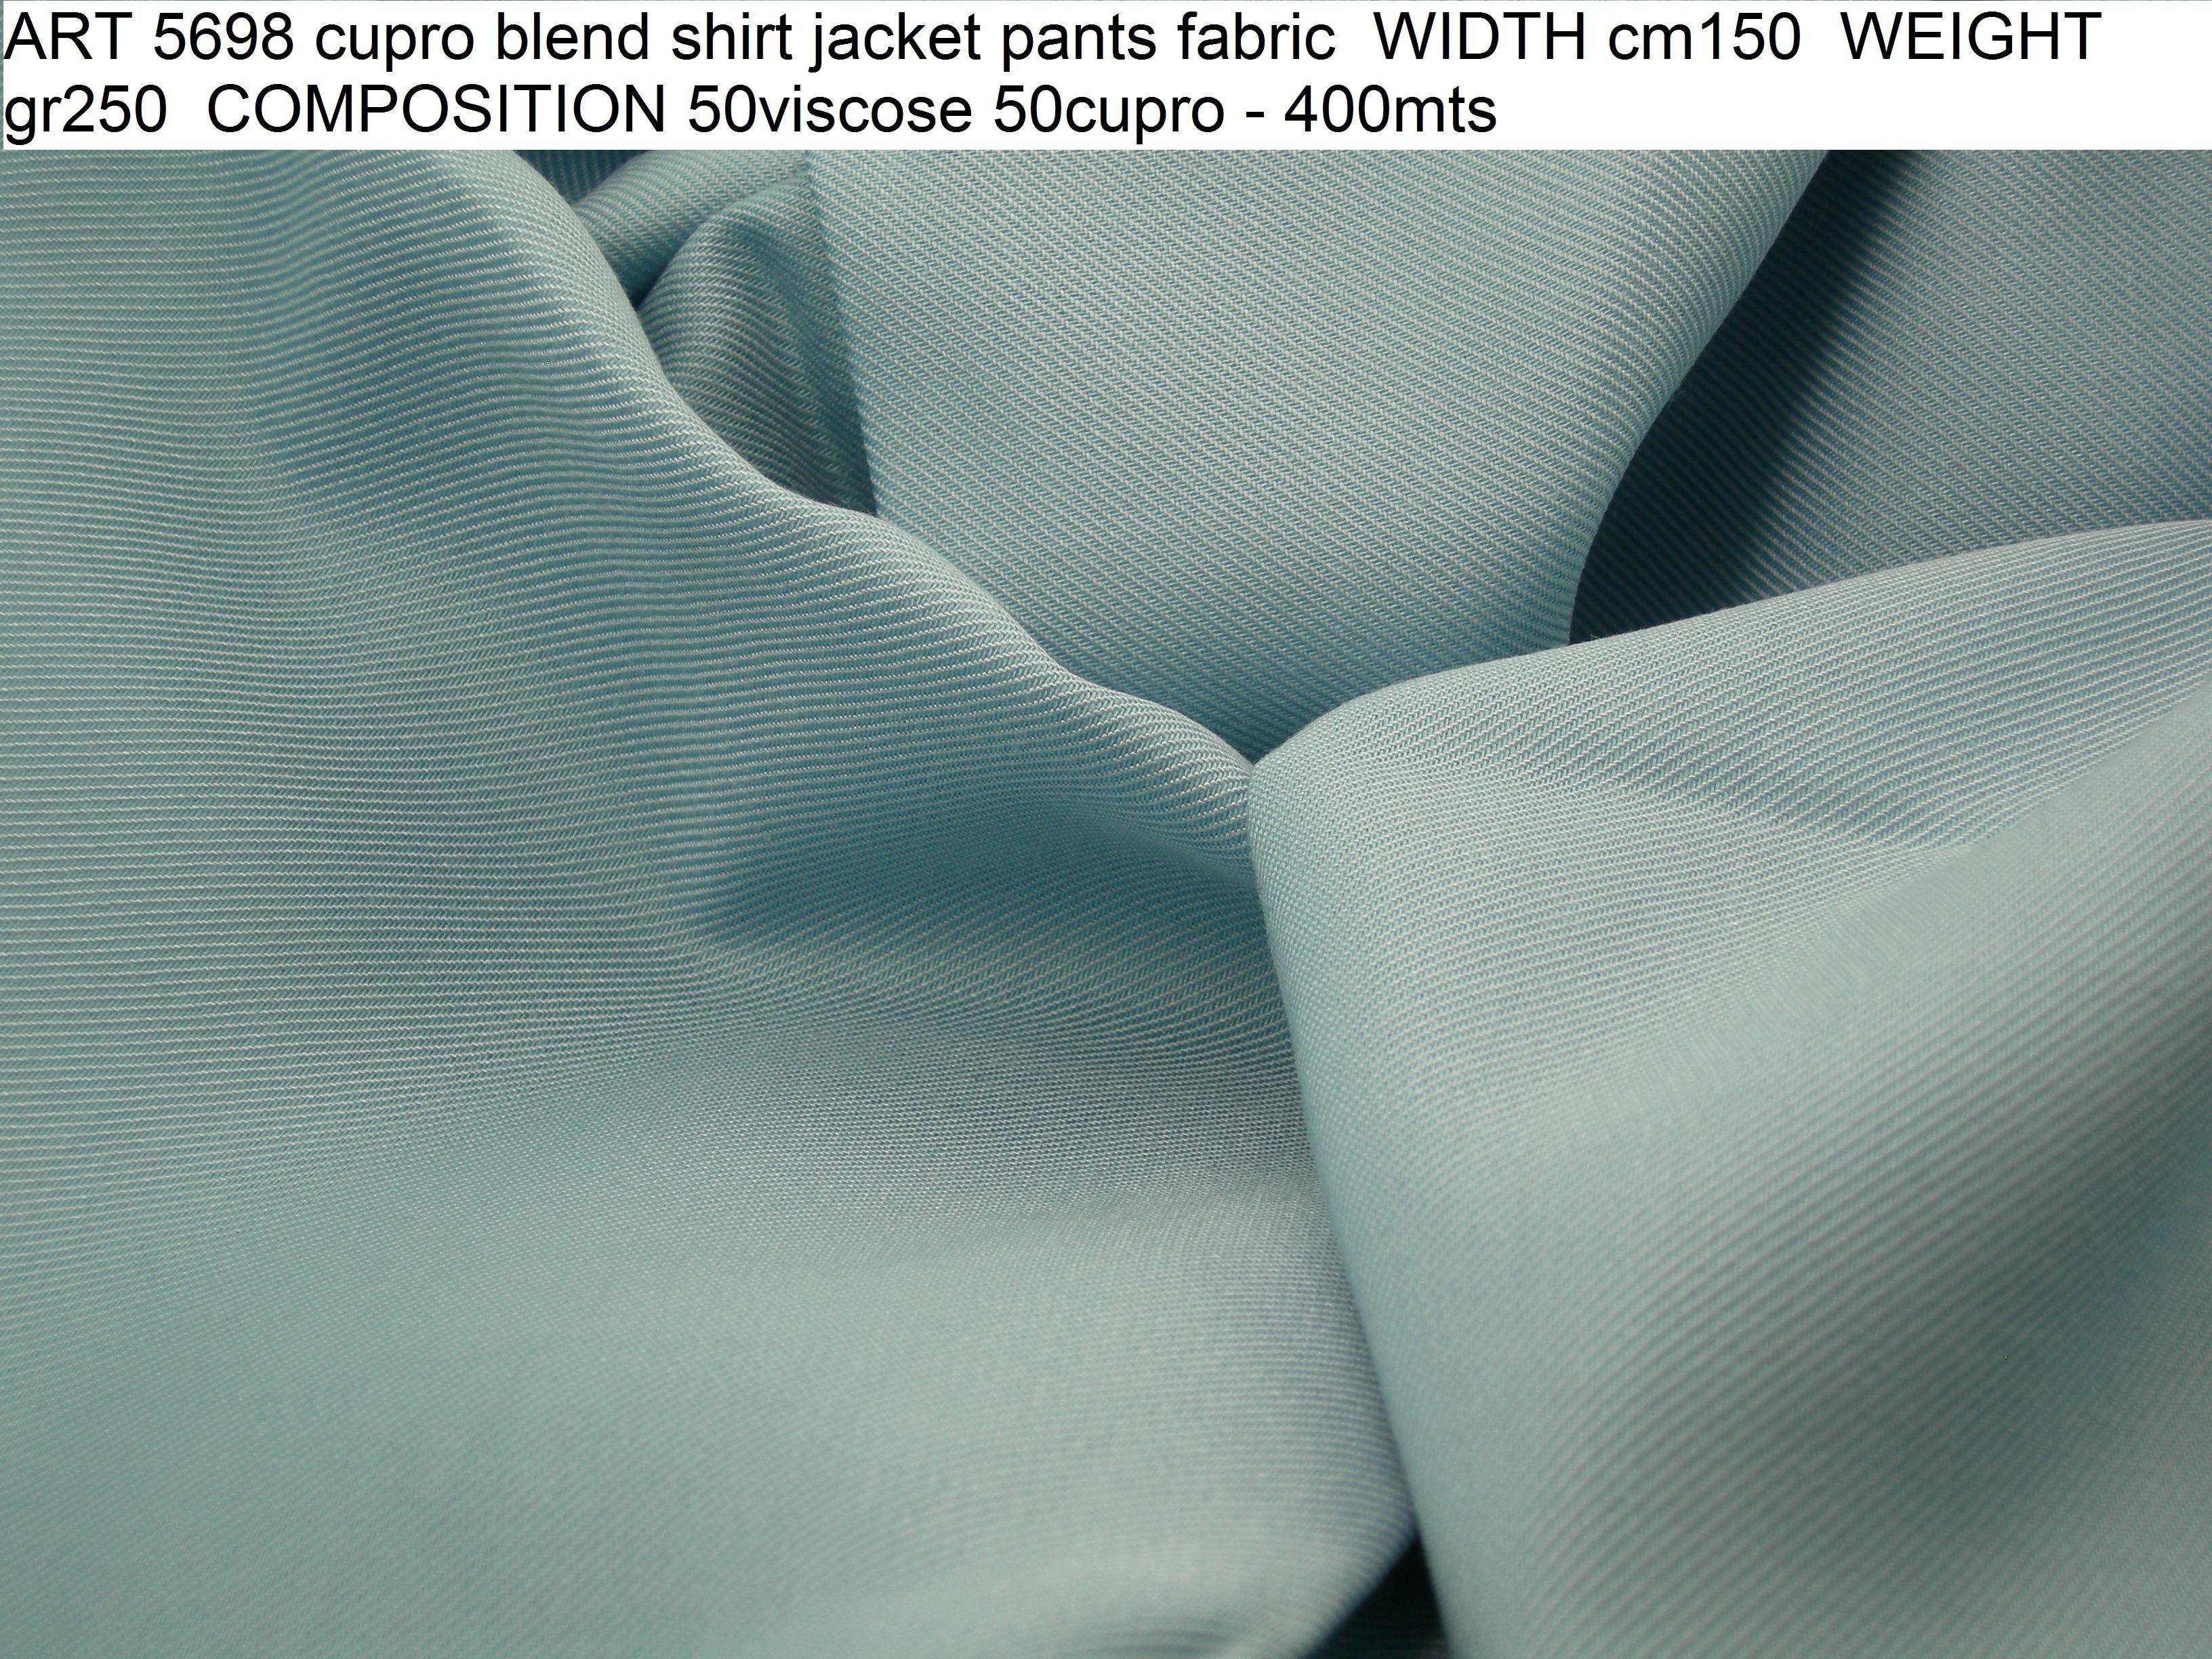 ART 5698 cupro blend shirt jacket pants fabric WIDTH cm150 WEIGHT gr250 COMPOSITION 50viscose 50cupro - 400mts